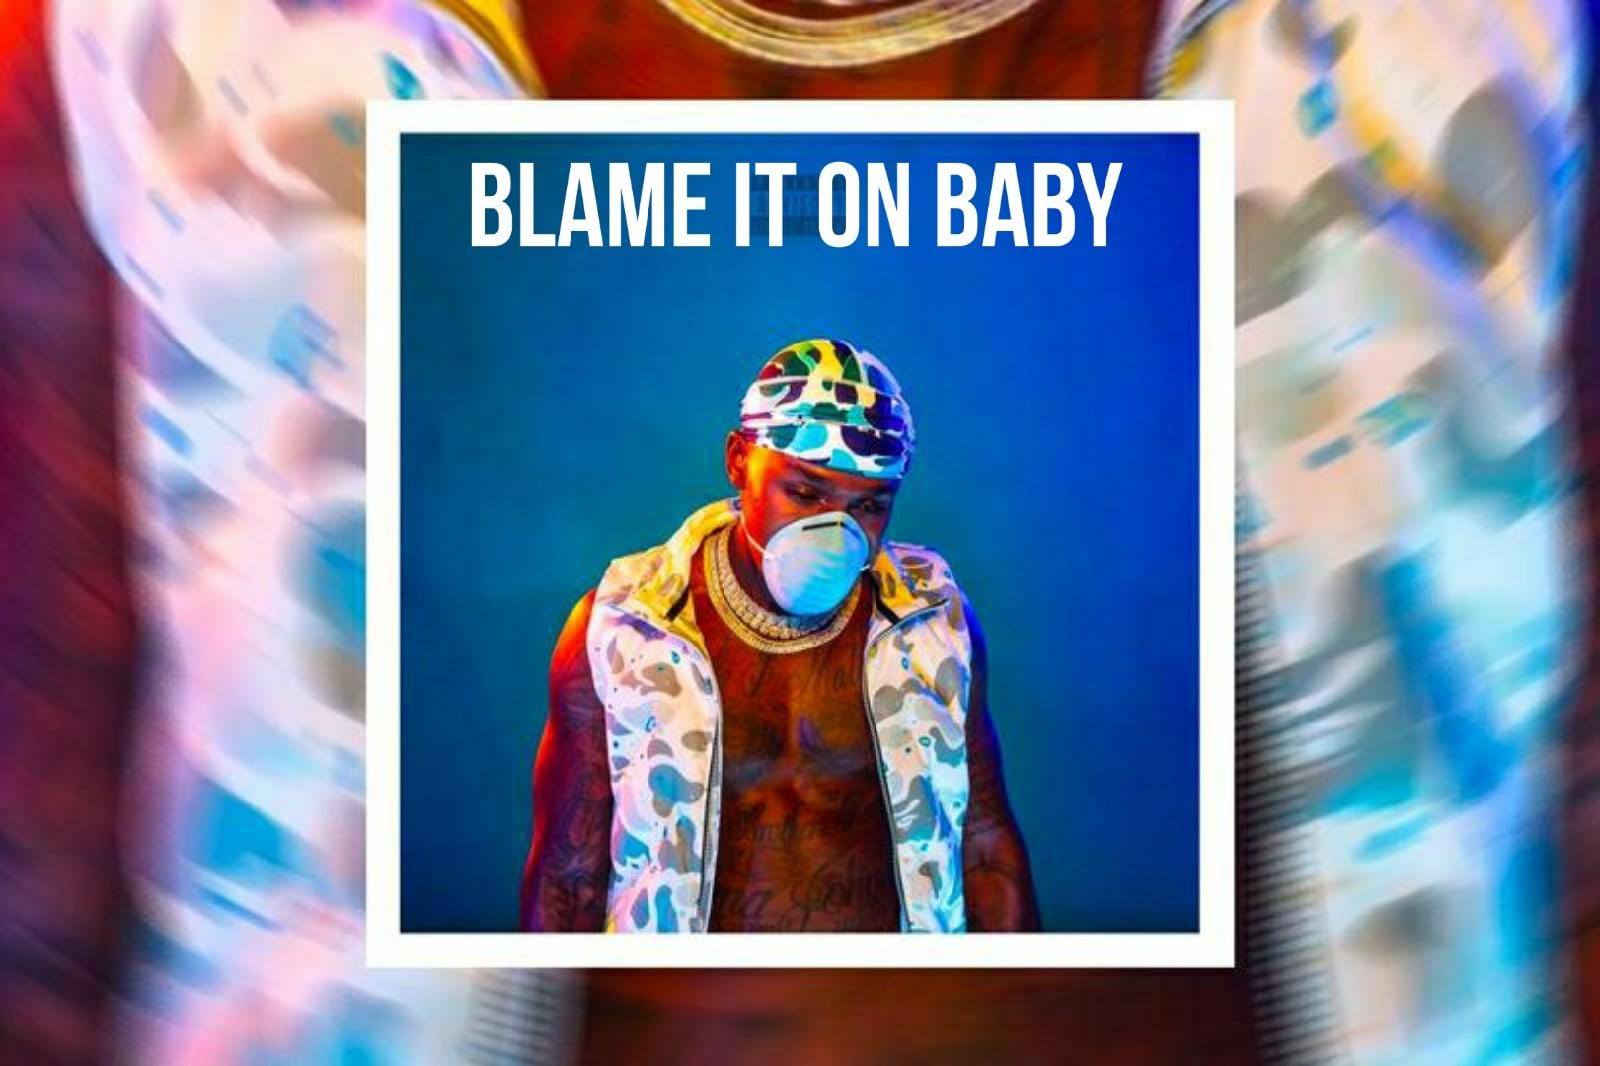 Всё, что нужно знать про «Blame It On Baby» от DaBaby